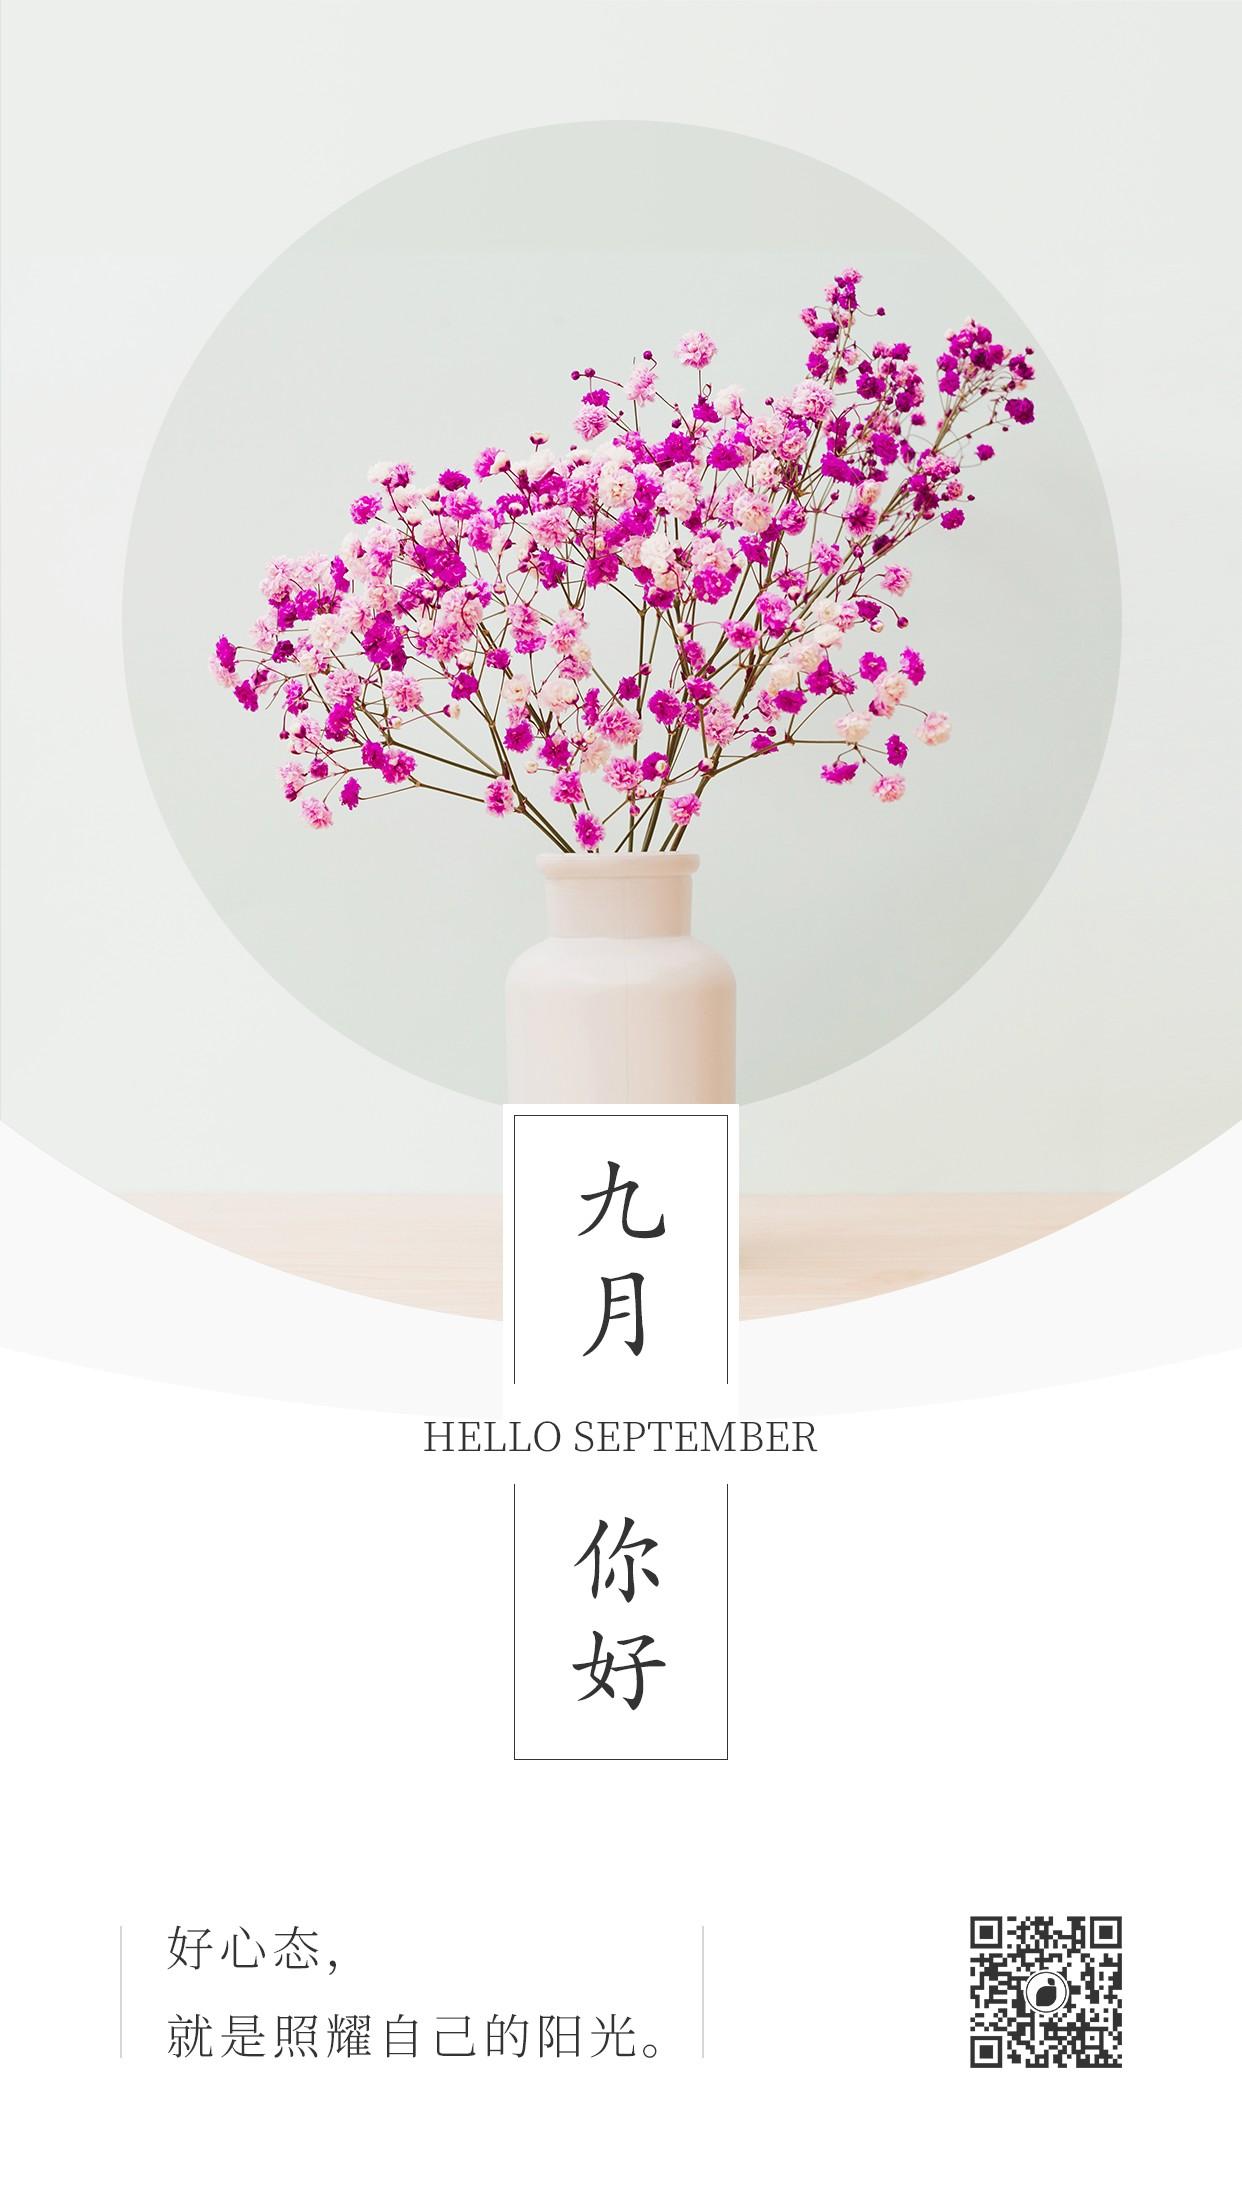 简约9月你好手机海报